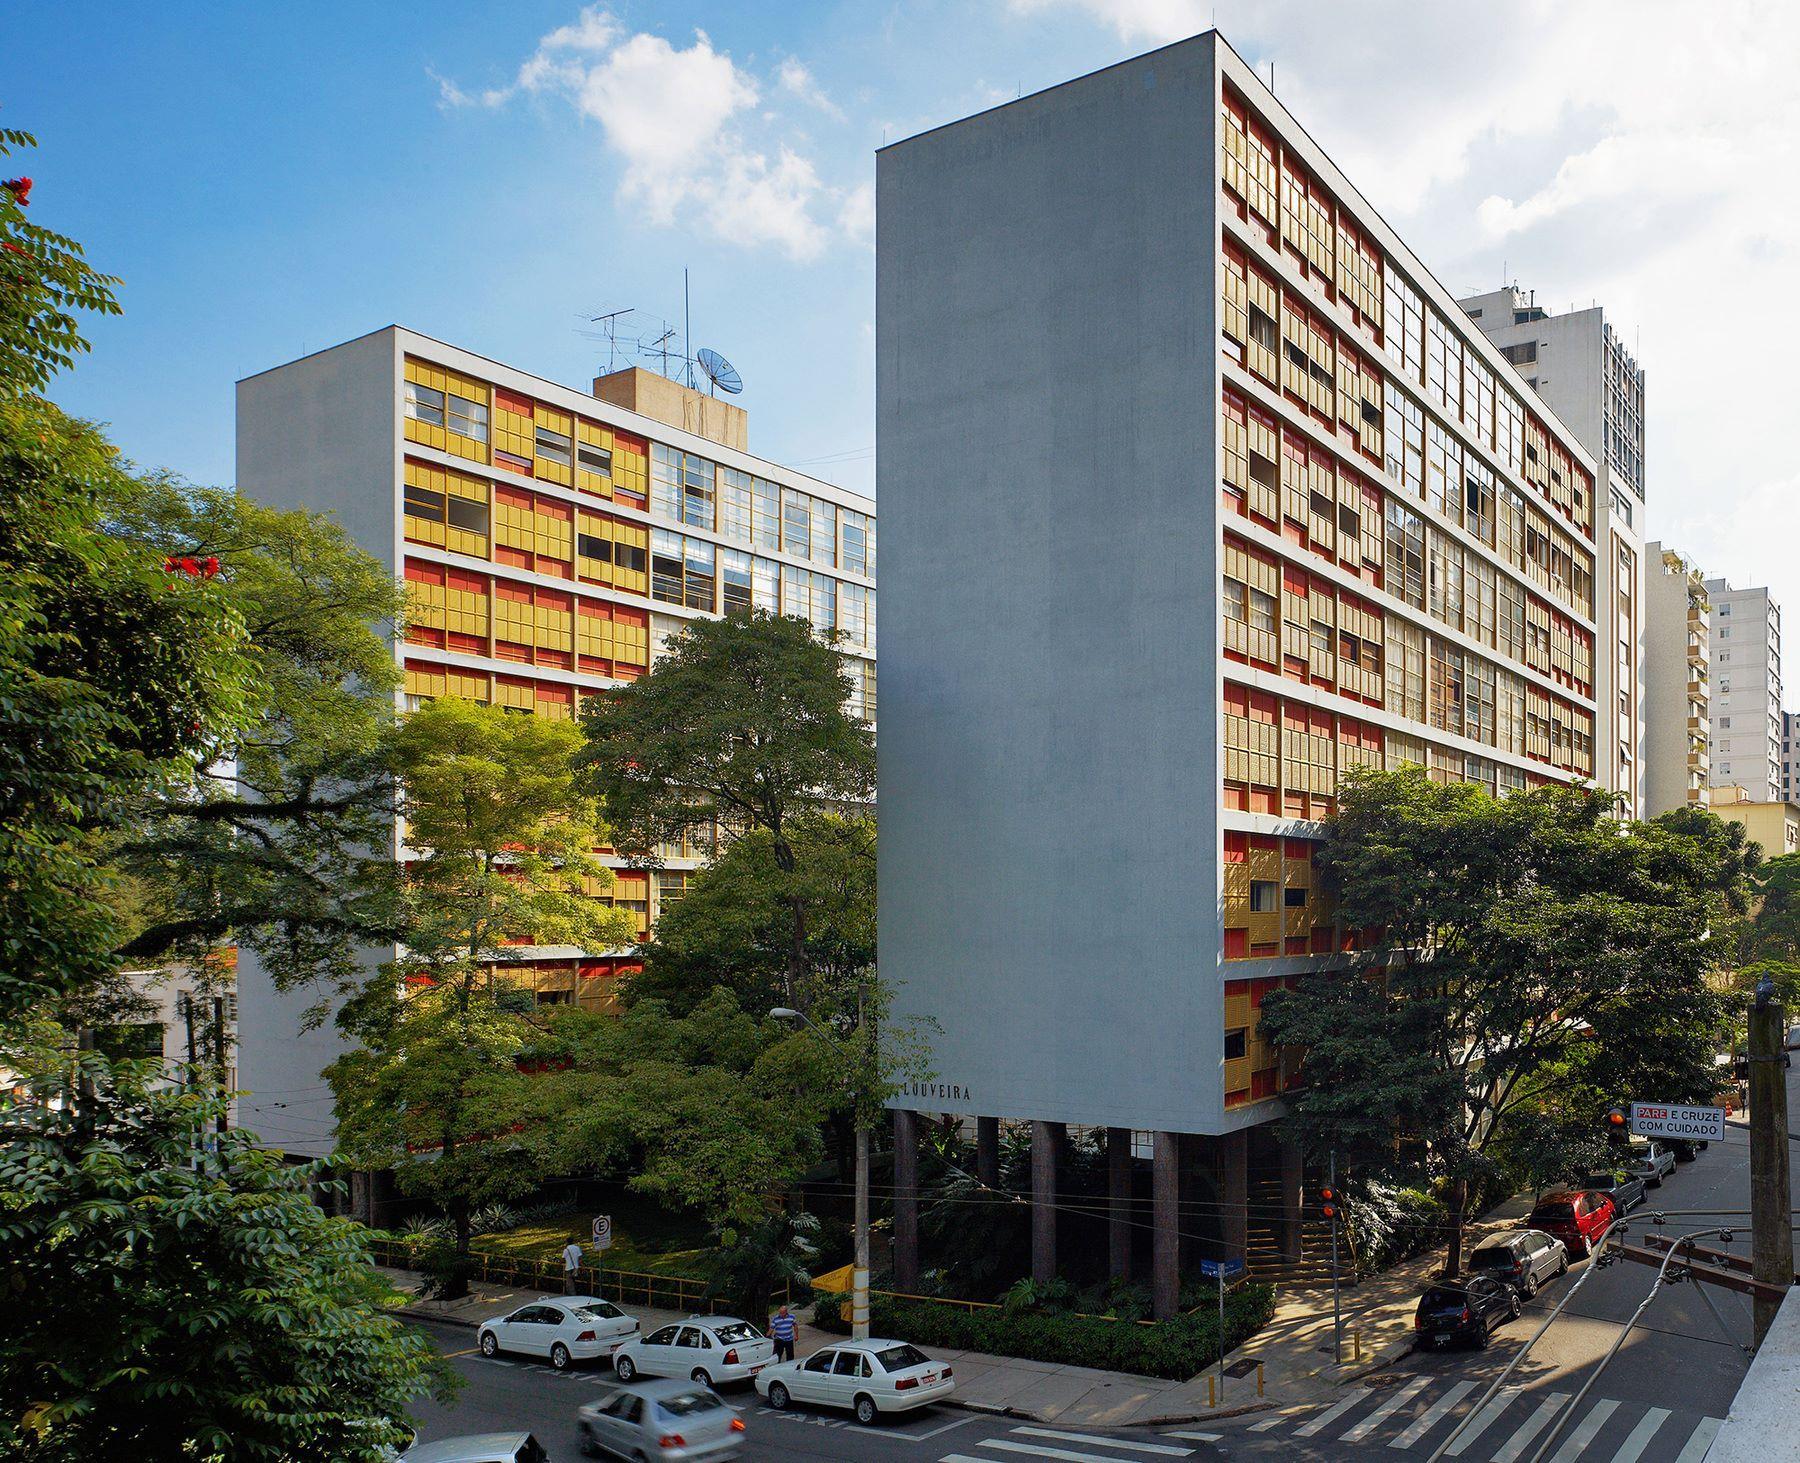 Condomínio Edifício Louveira, São Paulo de Piratininga - SP, Brasil - João Batista Vilanova Artigas e Carlos Cascaldi